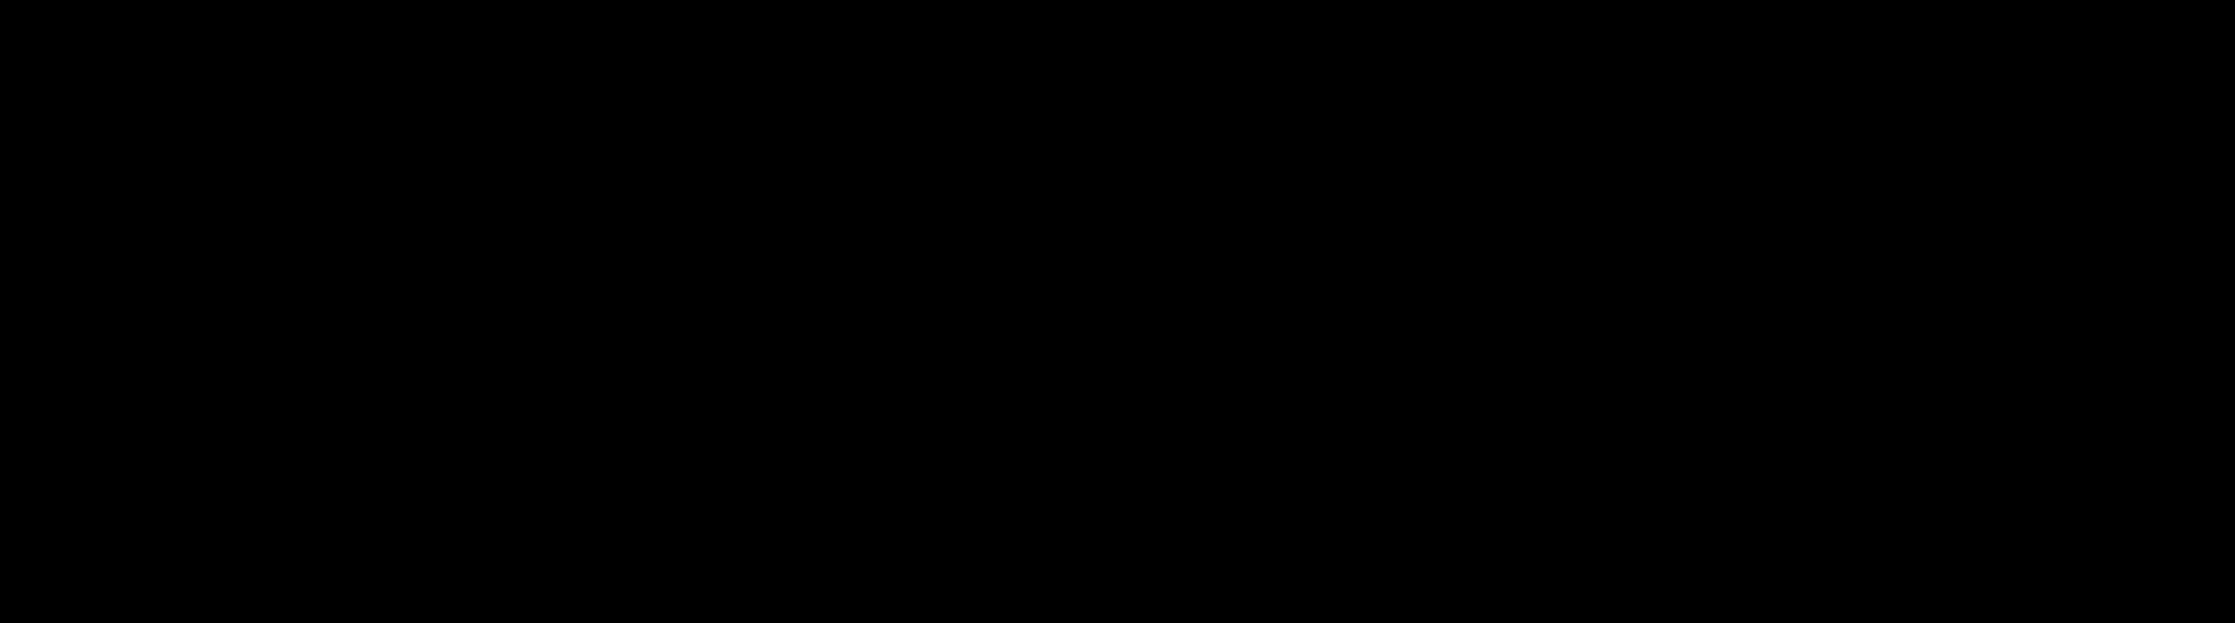 Diethyl (2-(2-(2-(2-aminoethoxy)ethoxy)ethoxy)ethyl)phosphonate